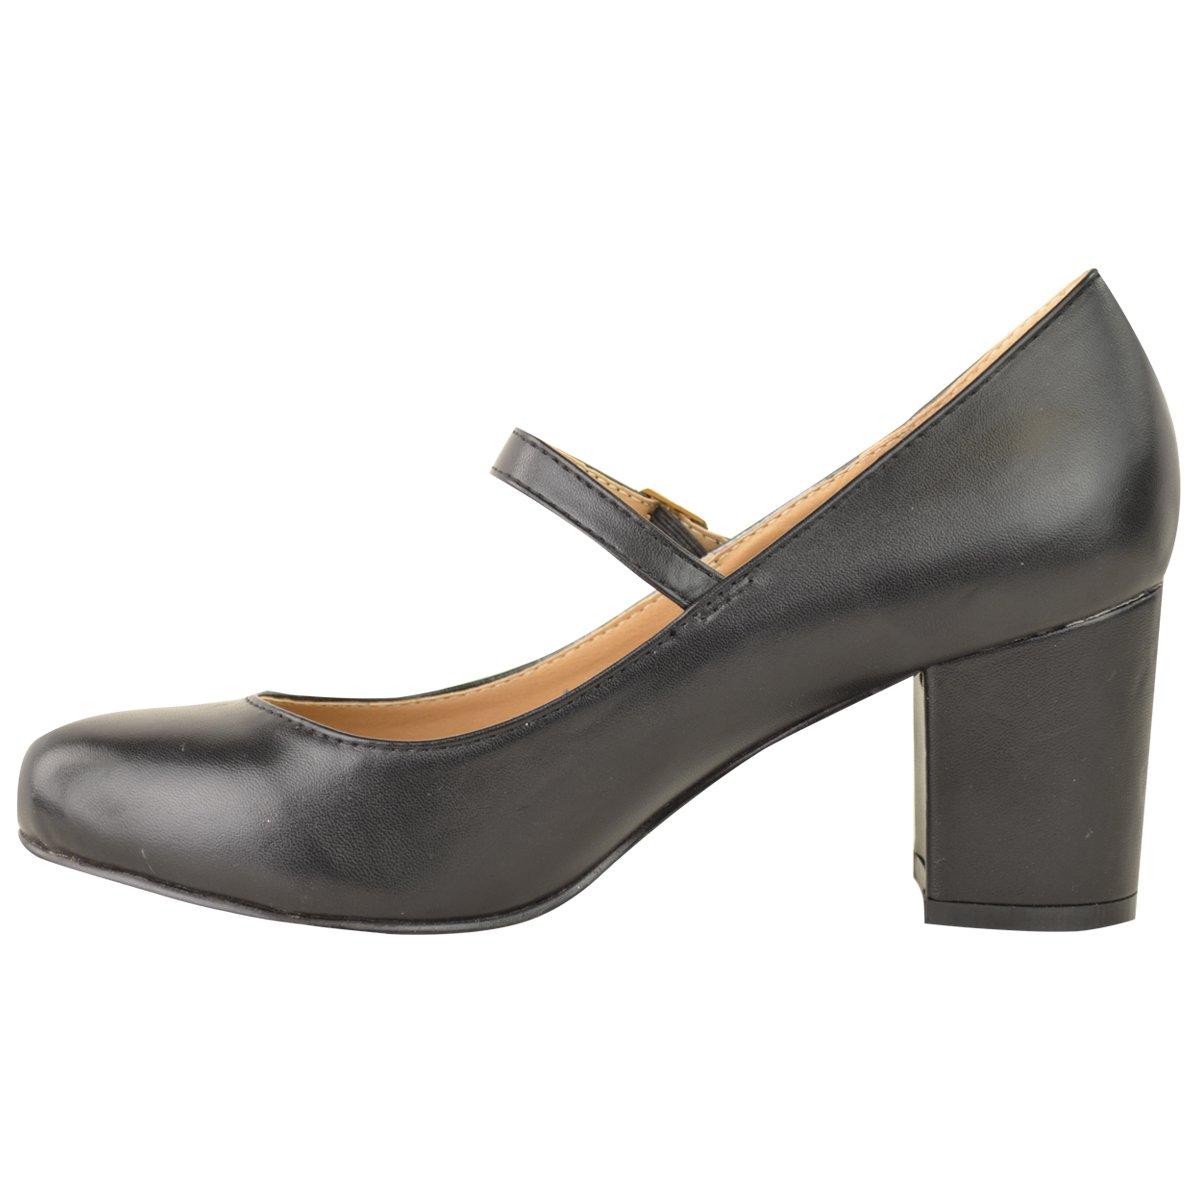 Damen Damen Mittlerer Blockabsatz Mary Jane Büro Arbeit Formelle Gurt-Dolly Schuh Größe - Schwarz Kunstleder, 38